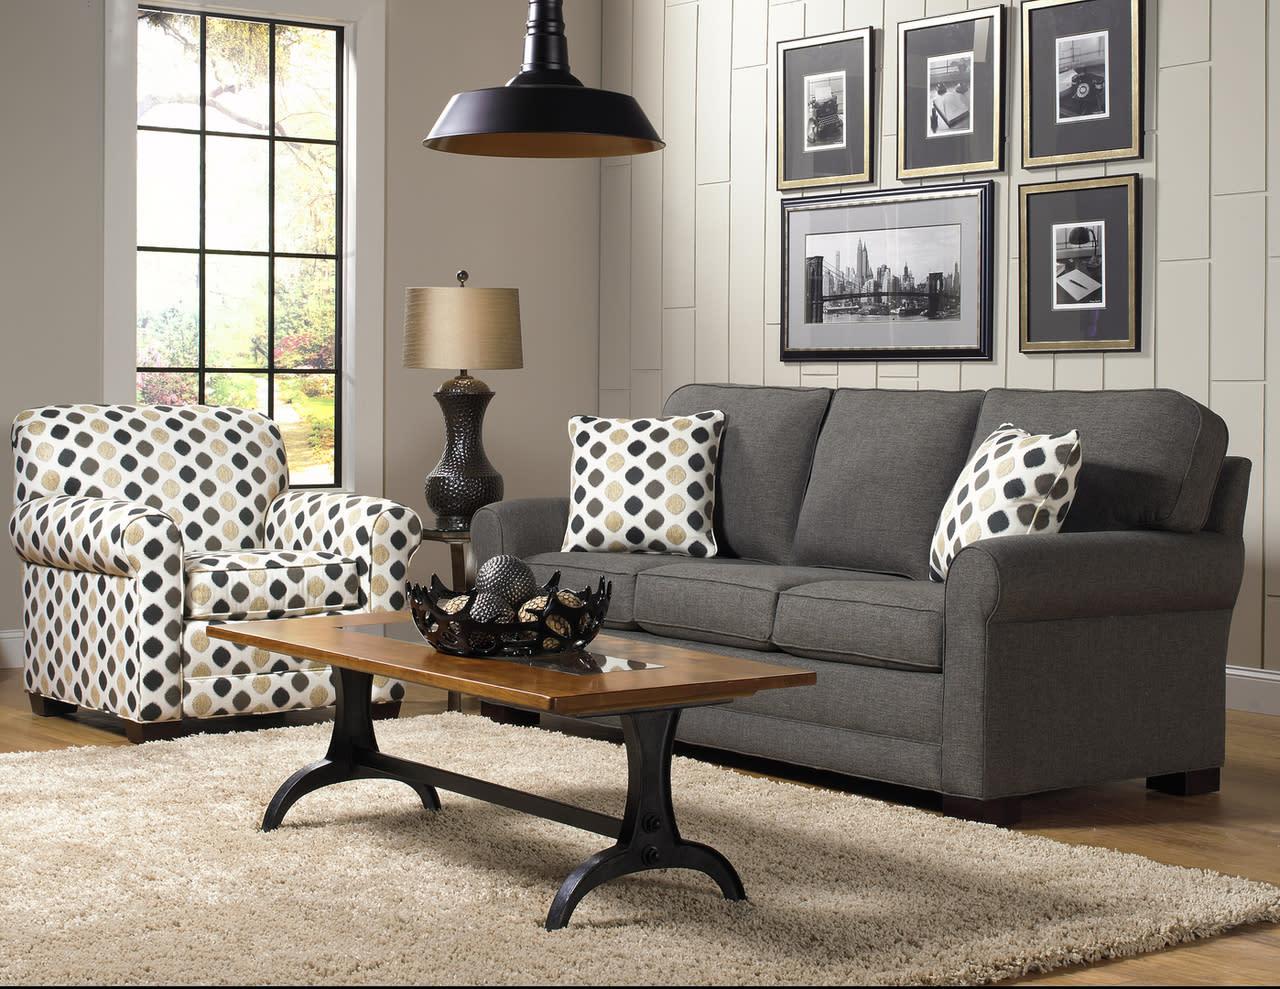 Better Sofas Inc Roanoke Va 24018